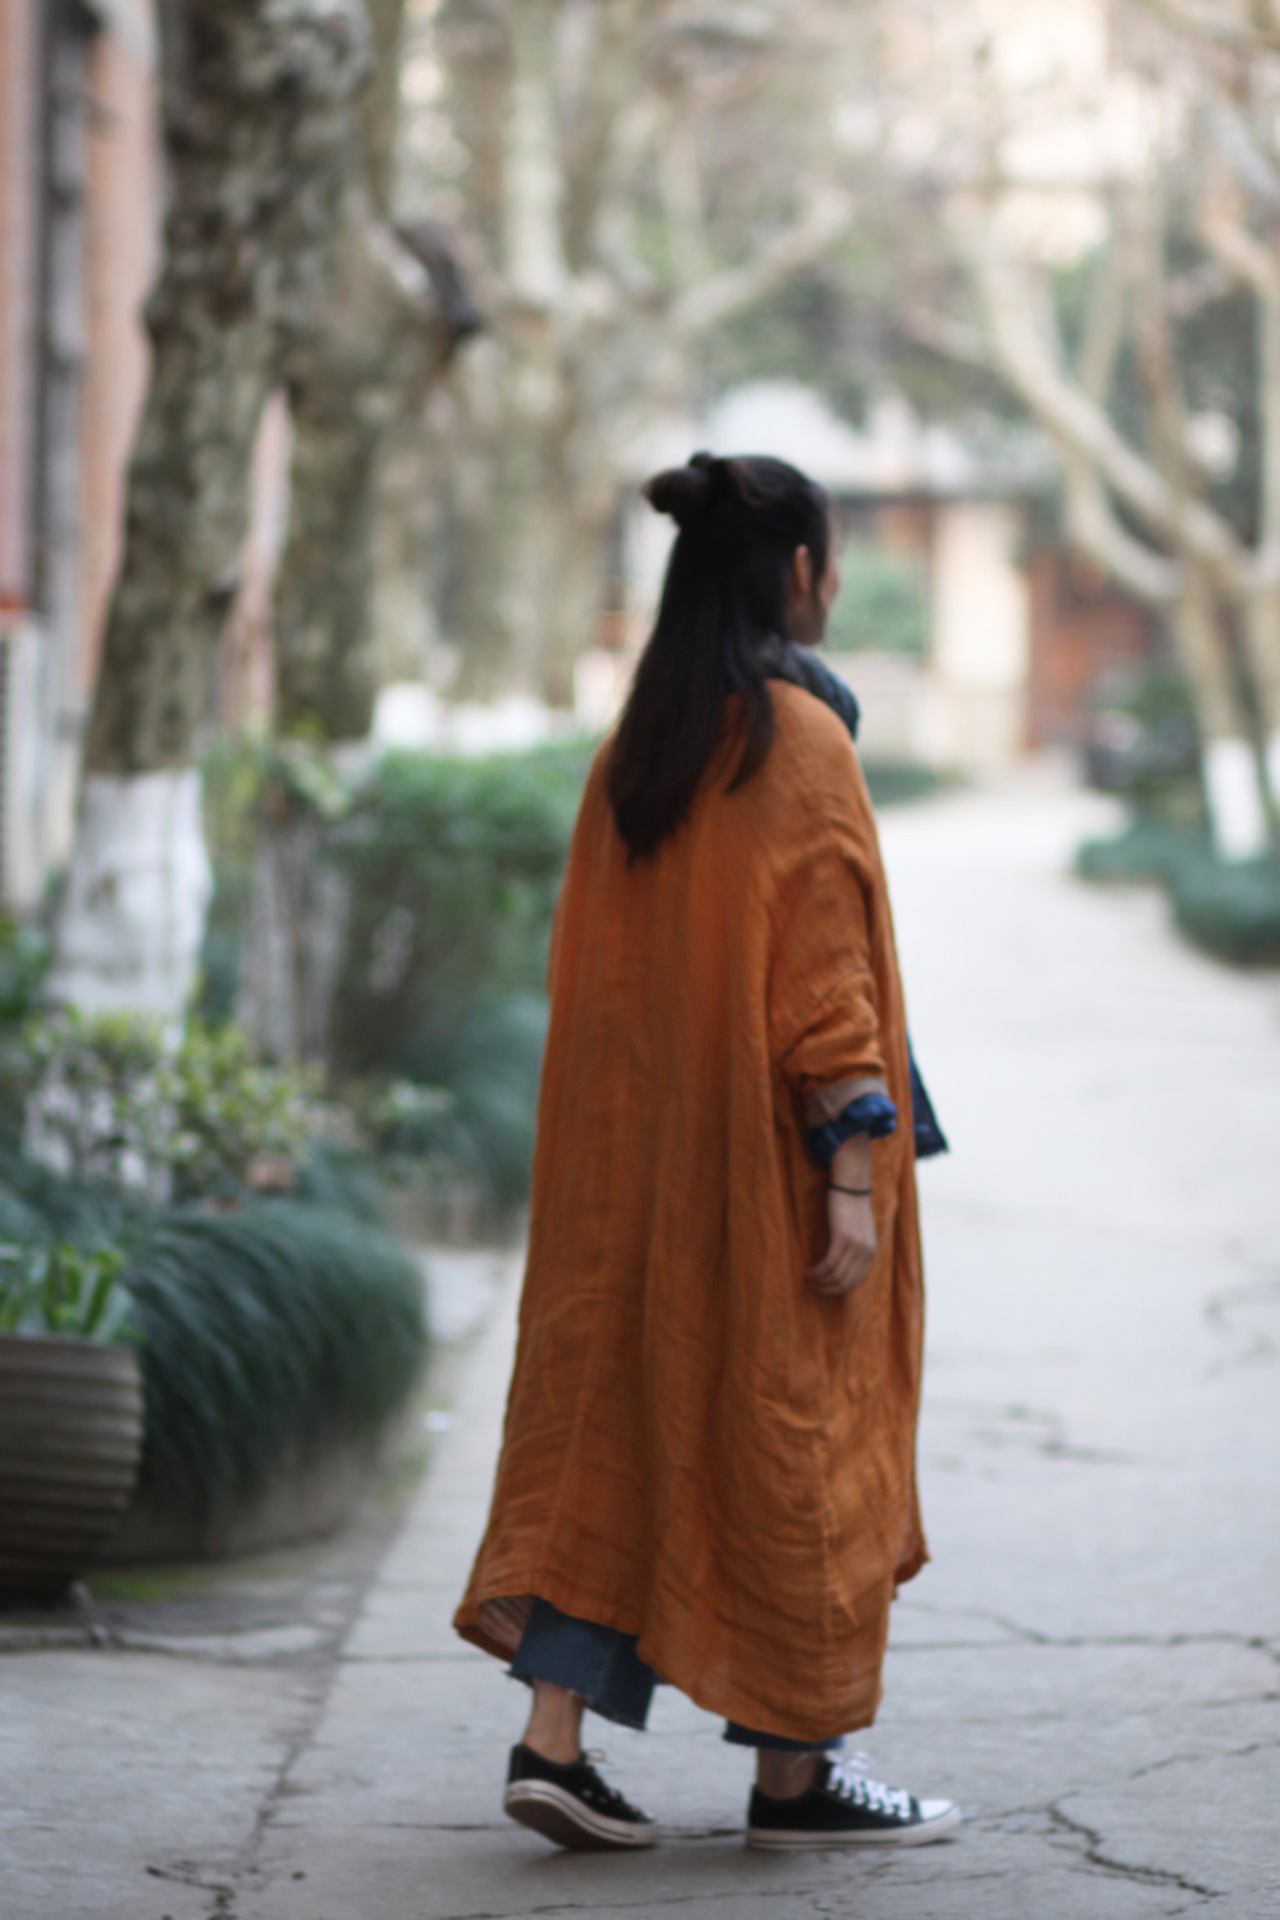 Cardigan Ethnique Rue Pleine Femmes Camel Couches Vintage Lin ManteauPrintemps Couleur Ultra Double Vrac Automne Longues Outwear En Mosaïque xdoCeB